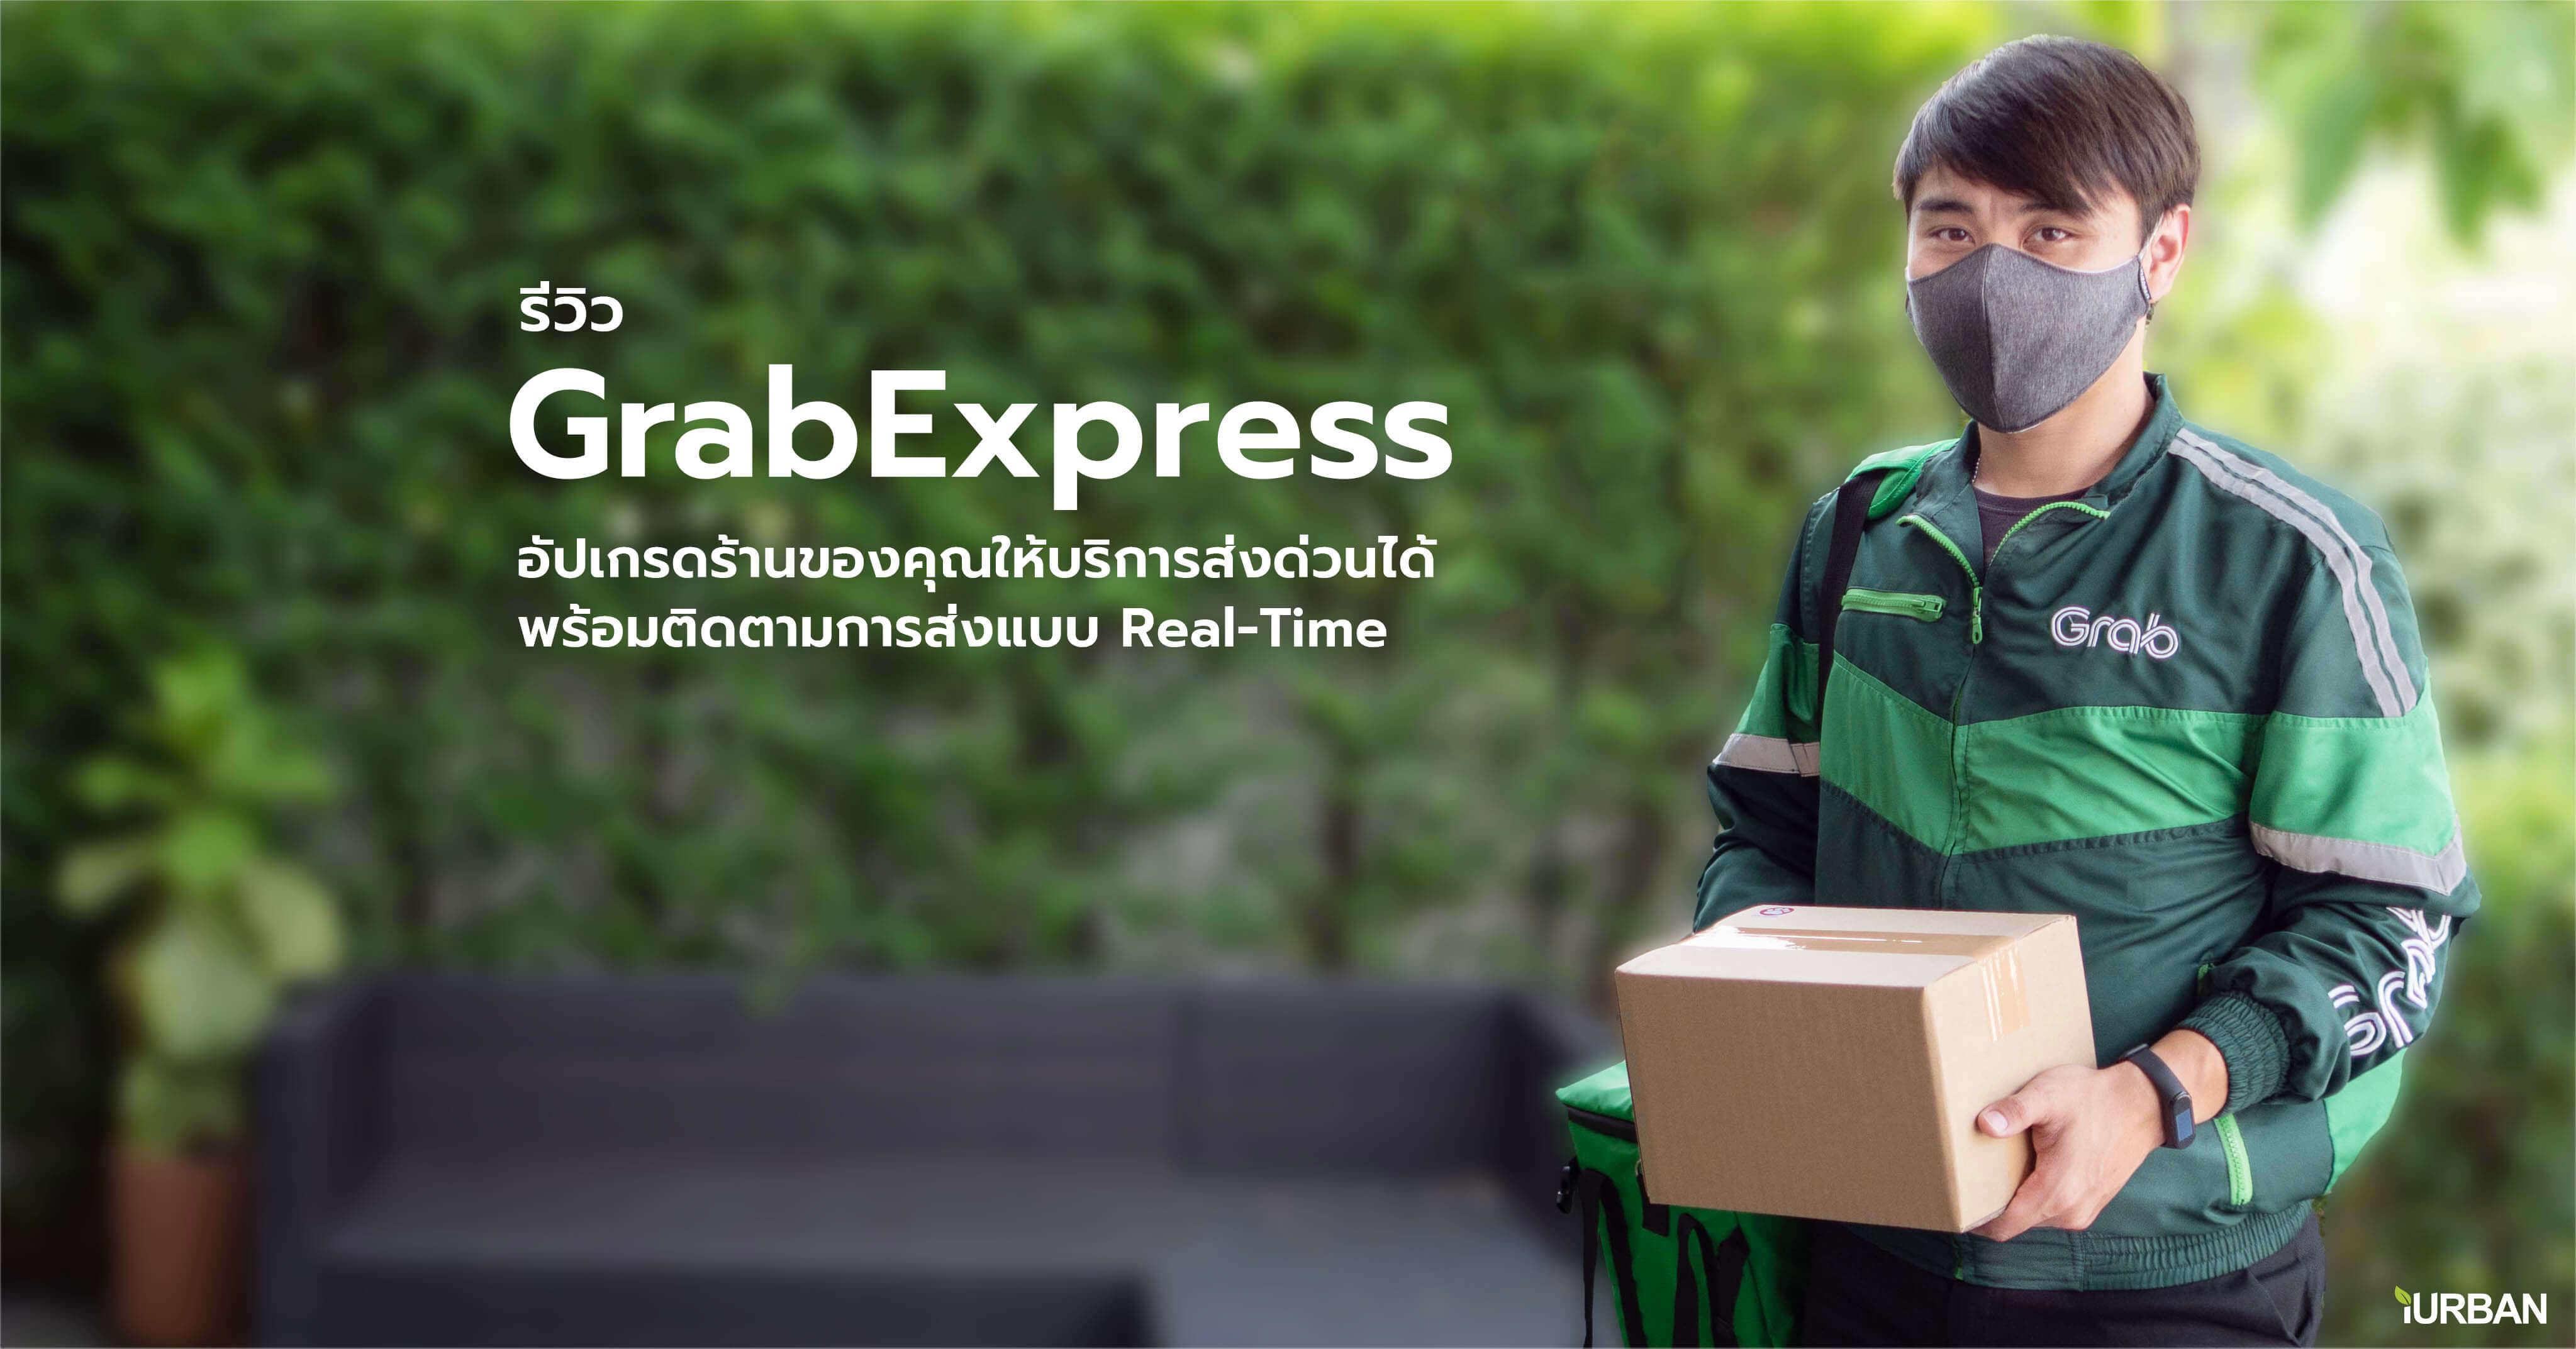 รีวิว GrabExpress อัปเกรดร้านค้าให้ส่งด่วนใน 40 นาที* ตามได้แบบ Real-time เริ่มแค่ ฿40 13 - delivery